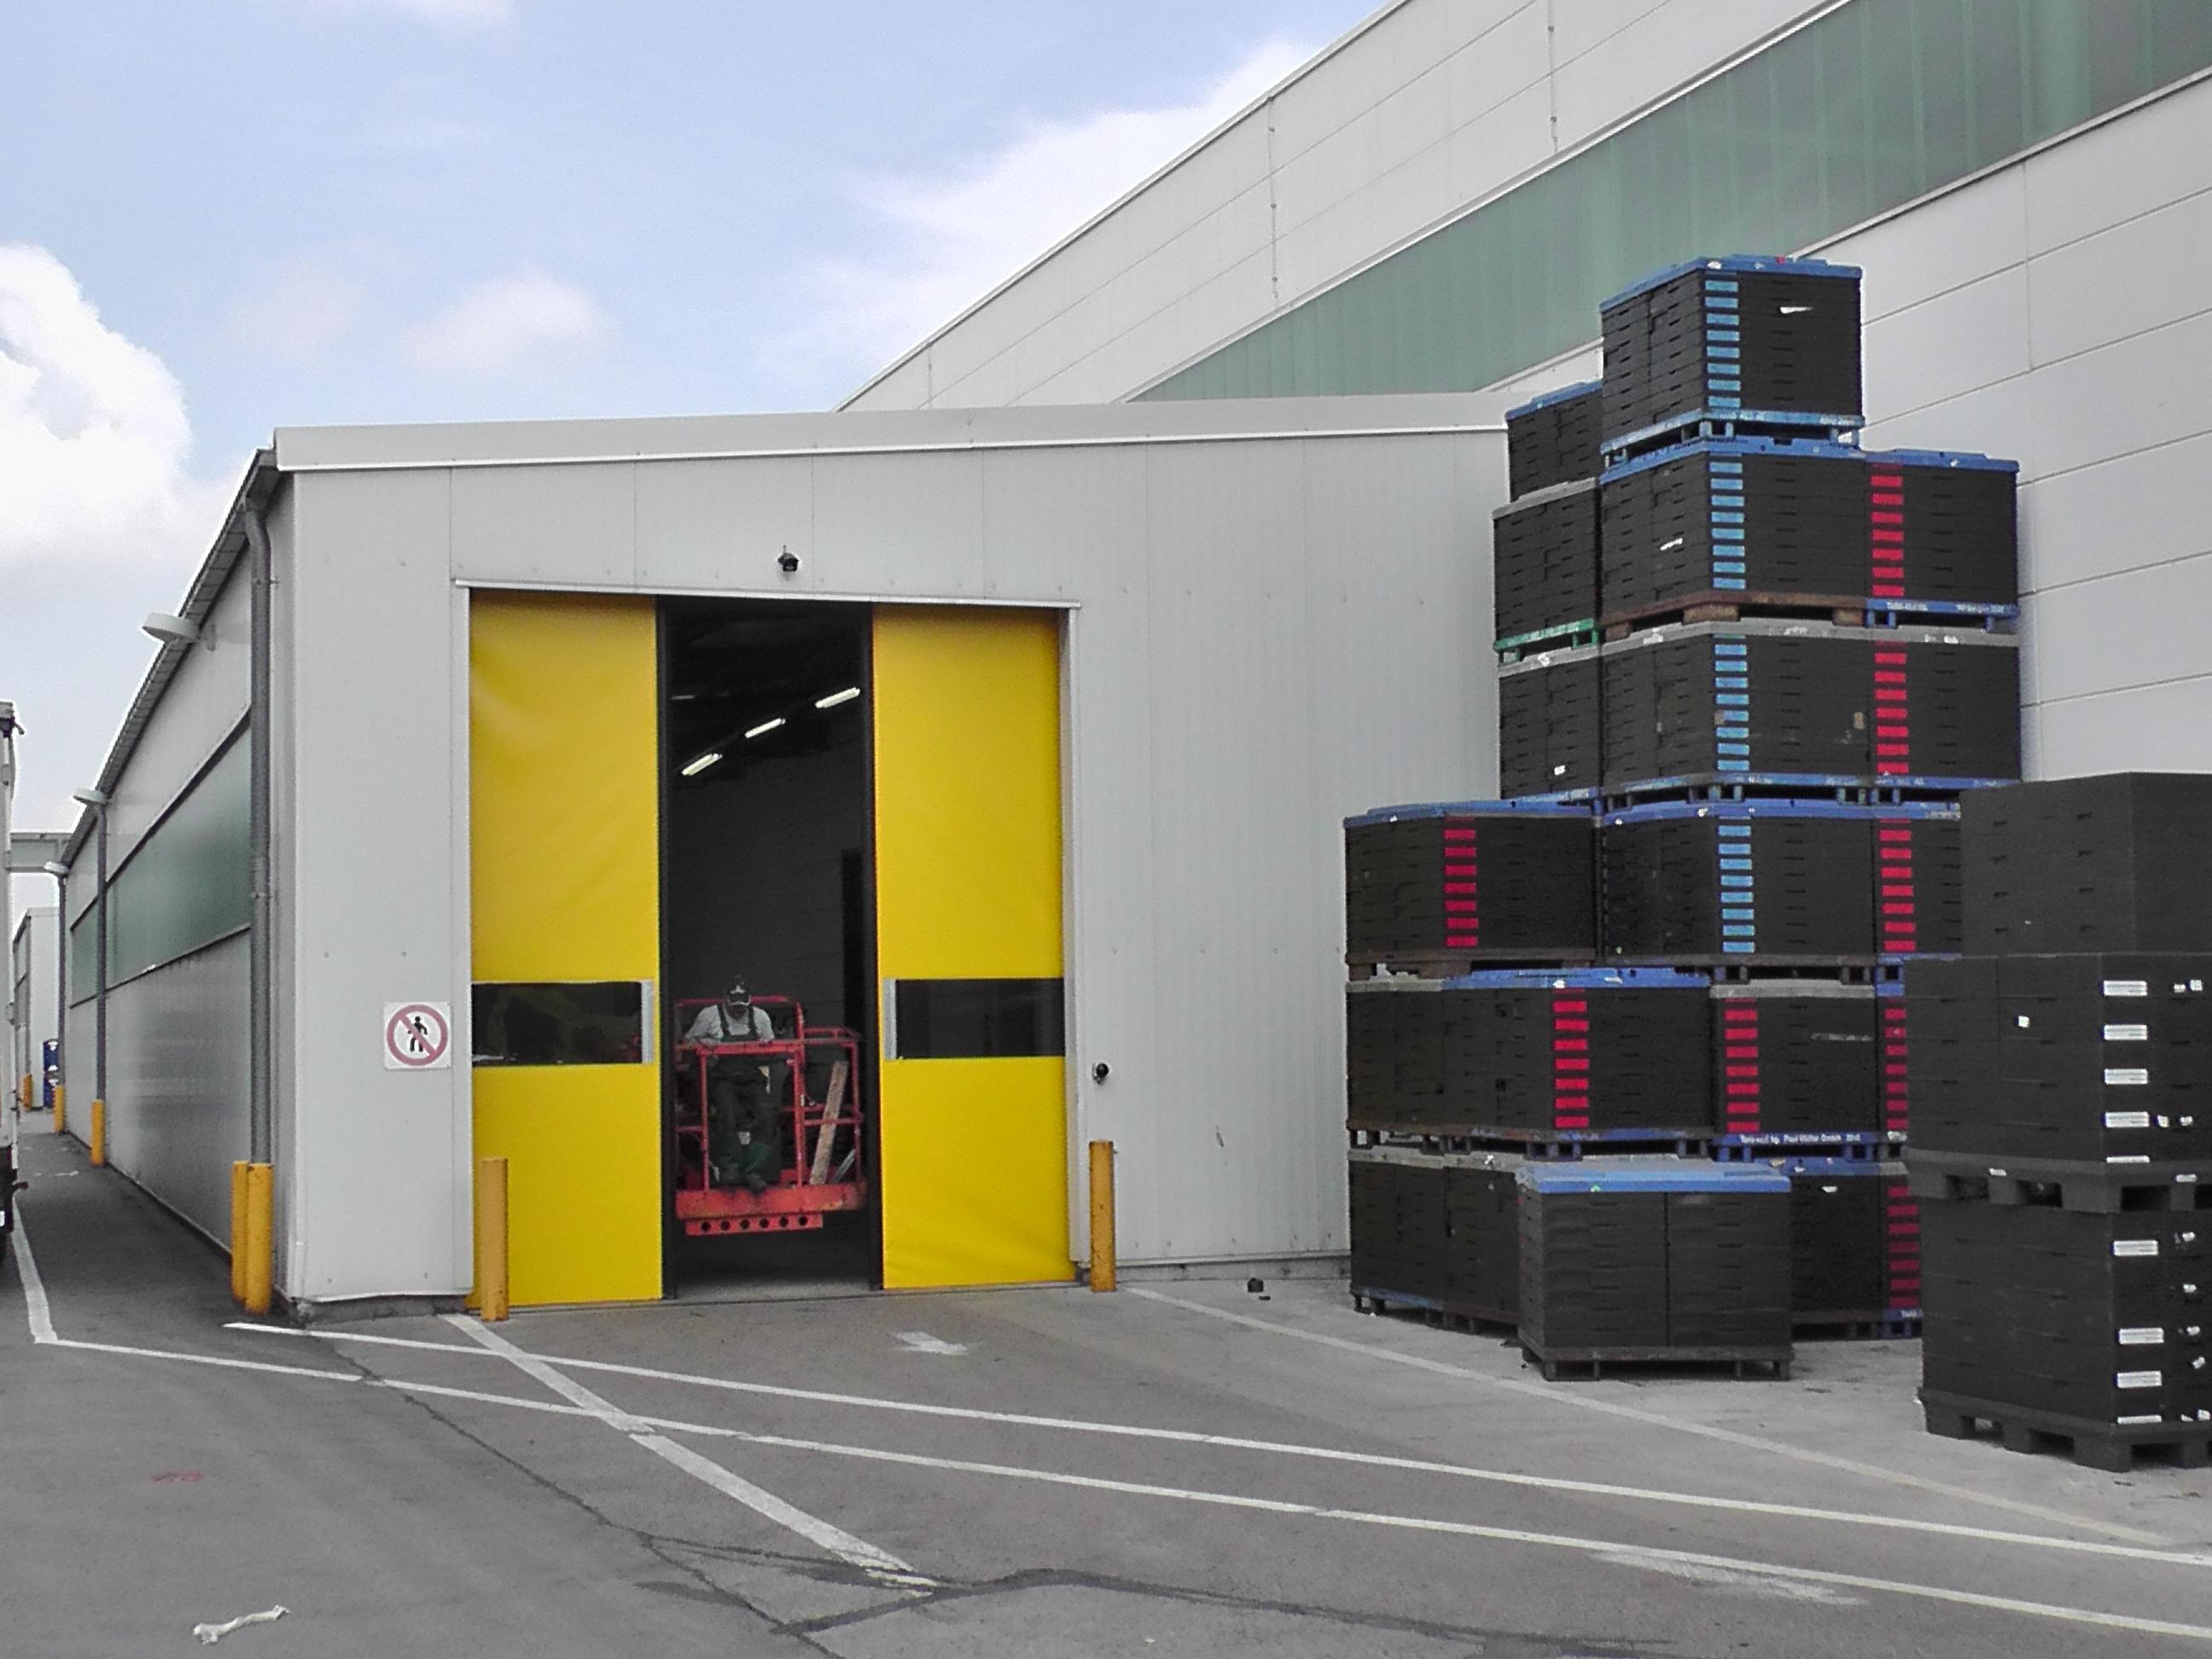 Porti industriale rapide BUTZBACH - Poza 1